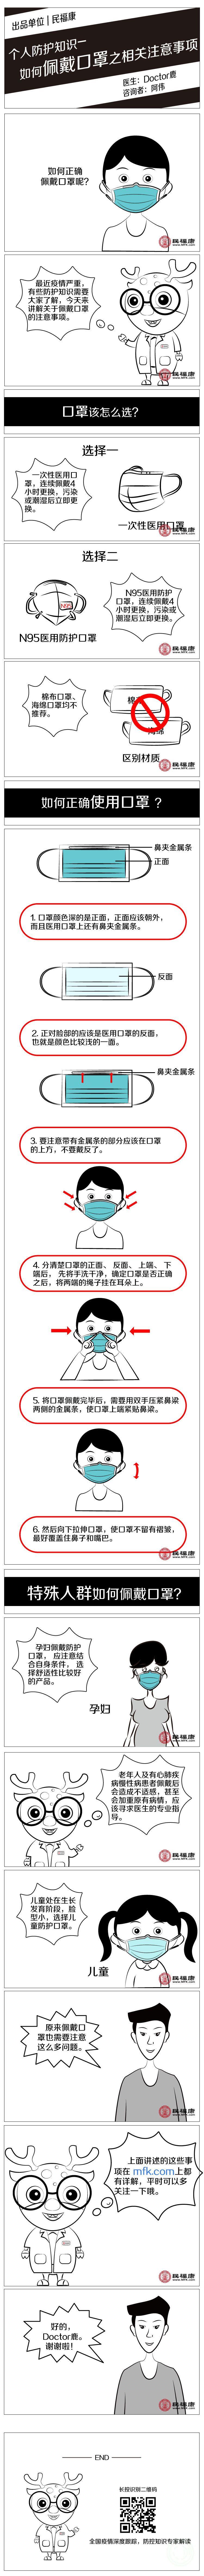 个人防护知识-如何佩戴口罩之相关注意事项